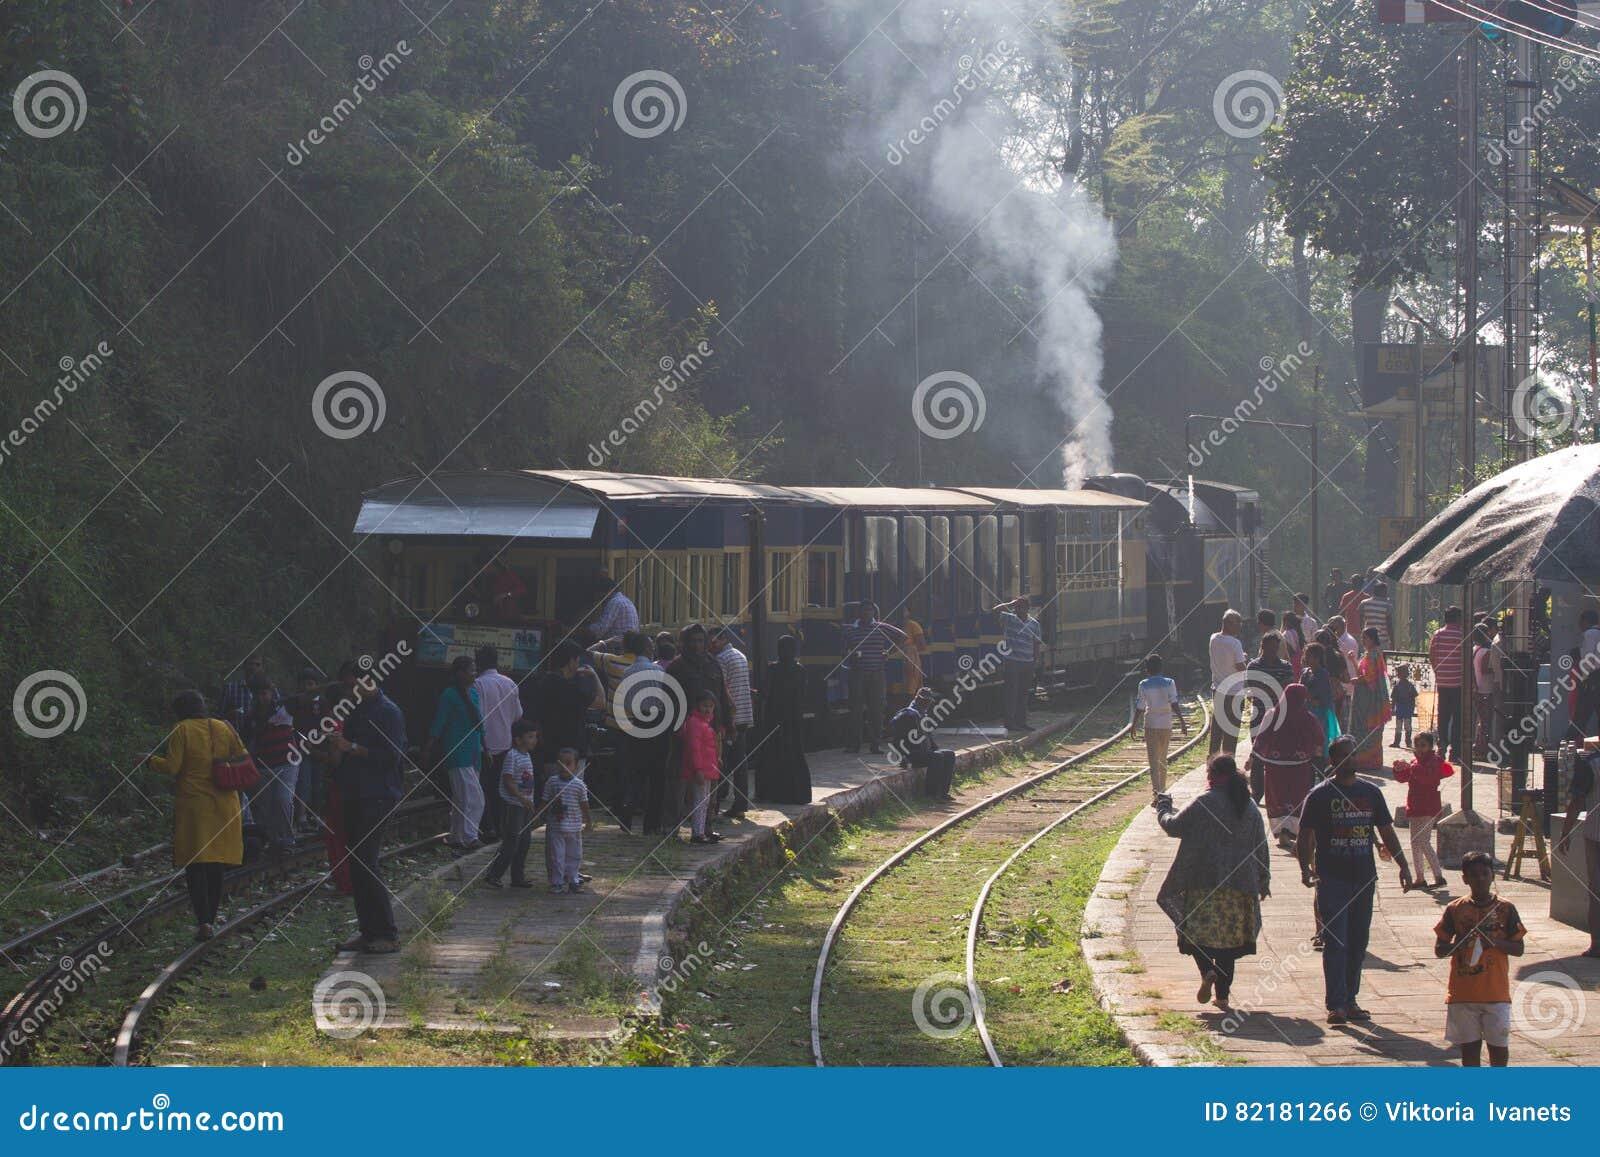 乌塔卡蒙德,泰米尔纳德邦,印度, 2015年3月22日:Nilgiri山铁路 蓝色培训 联合国科教文组织遗产 狭窄测量仪 蒸汽机车